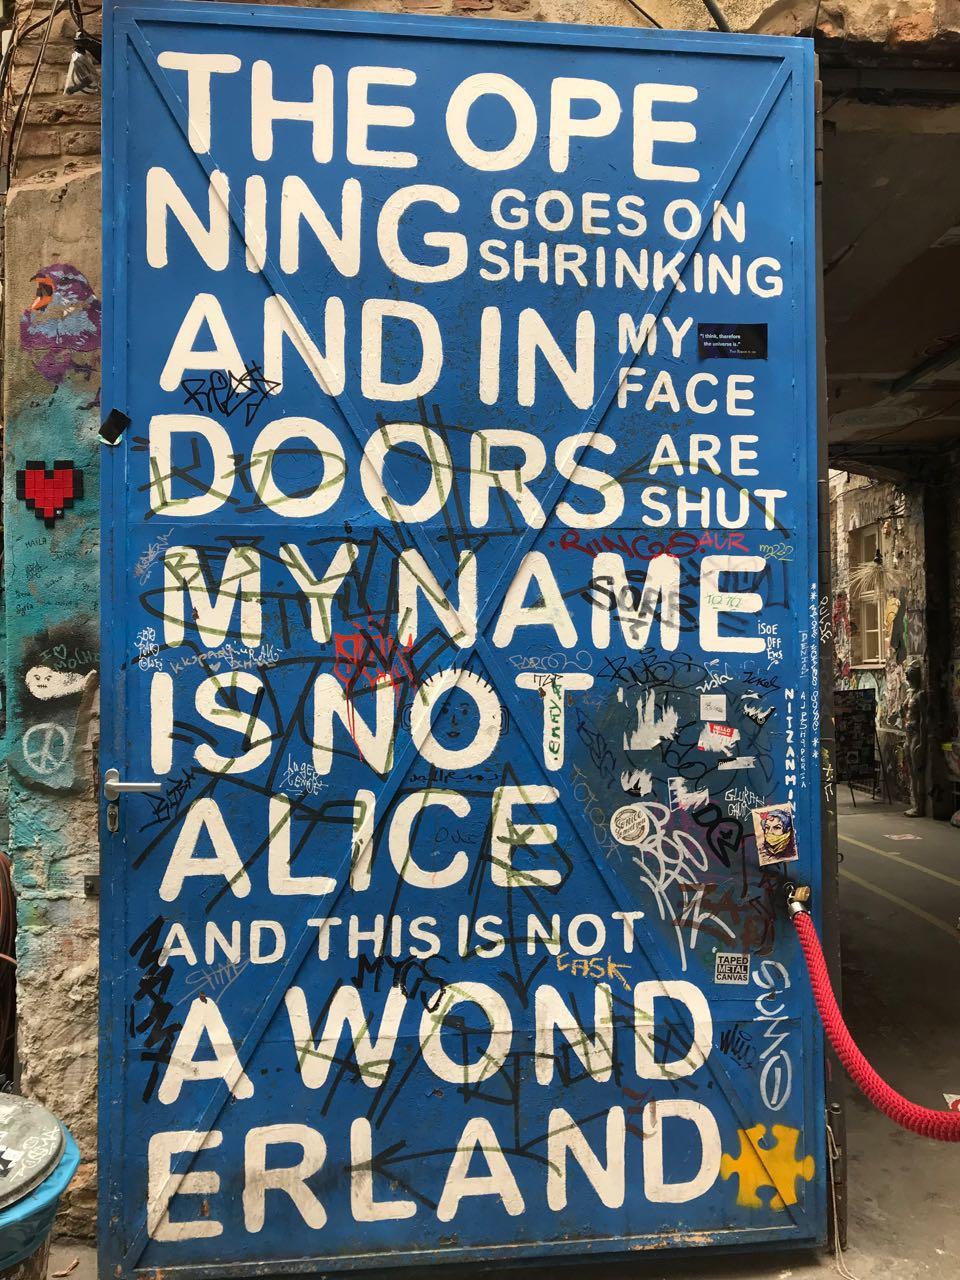 Berlin graffiti door.jpg